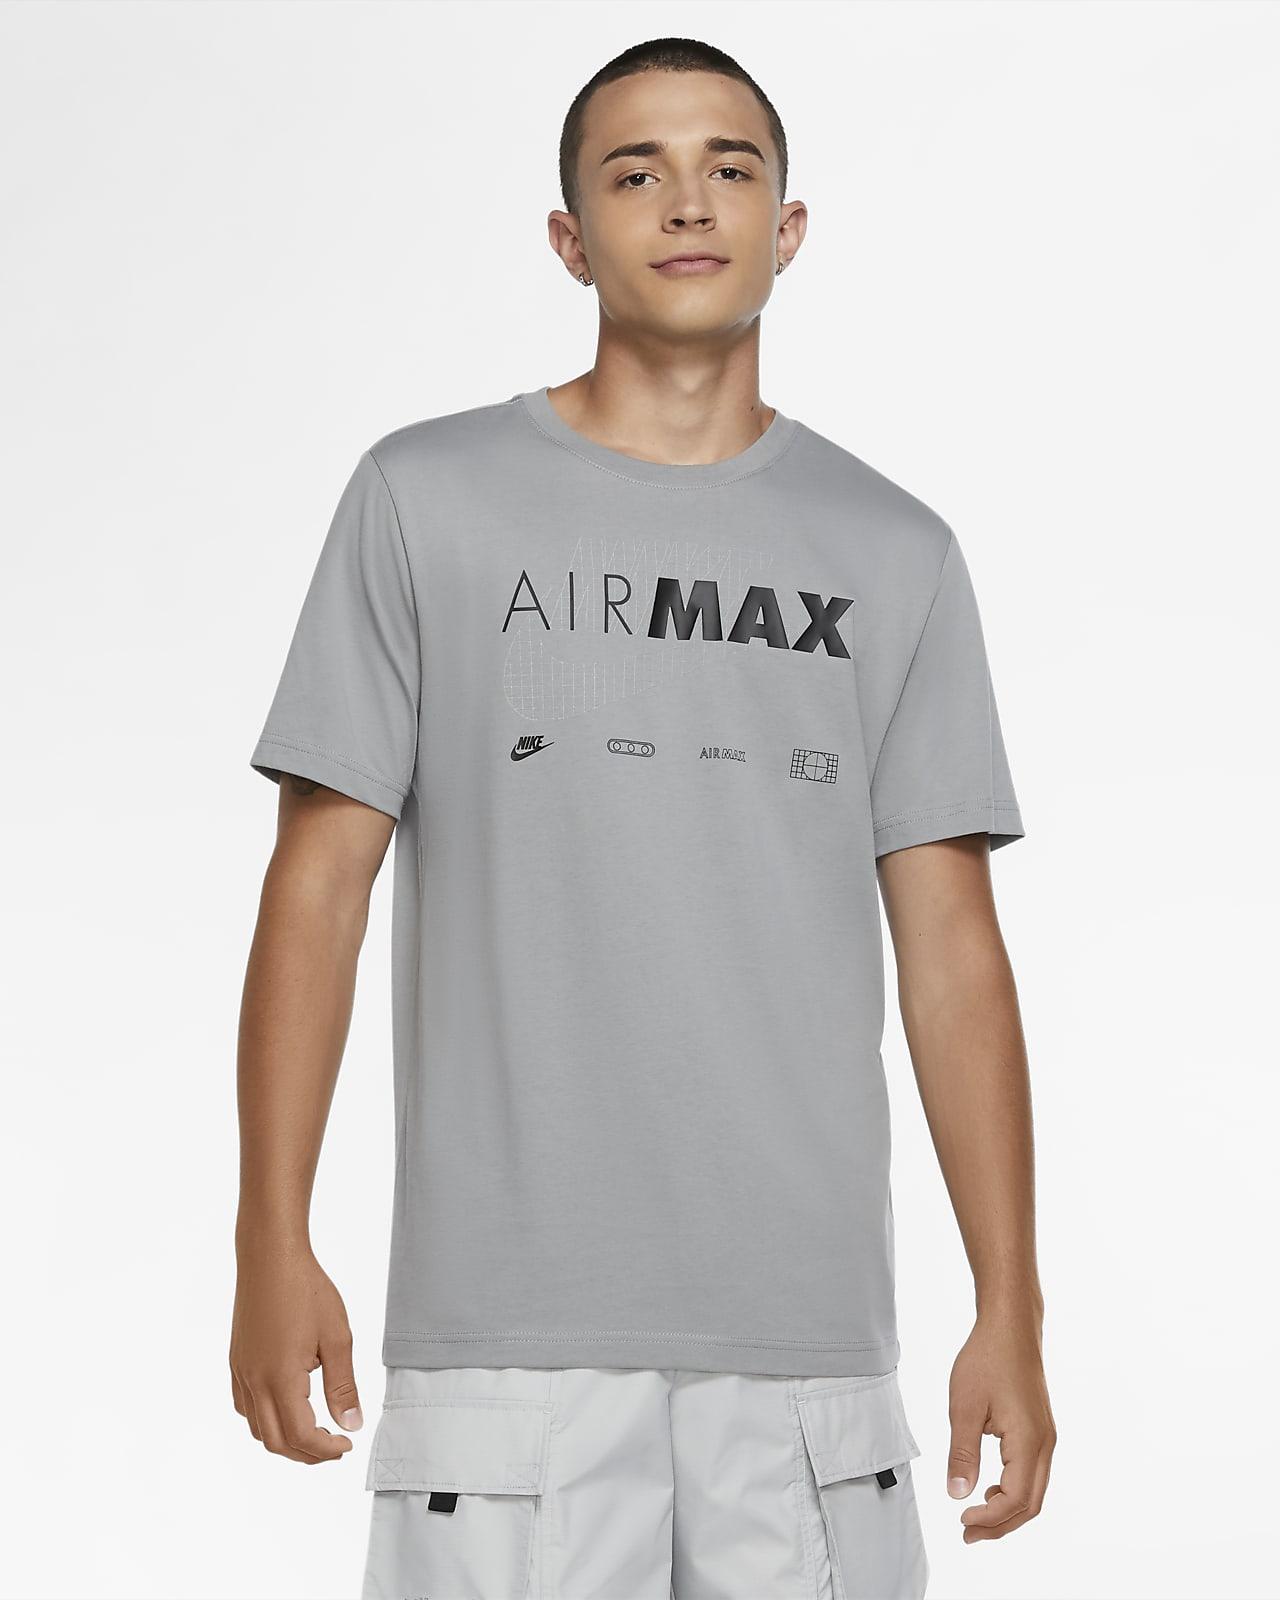 Nike Sportswear Men's Air Max T-Shirt